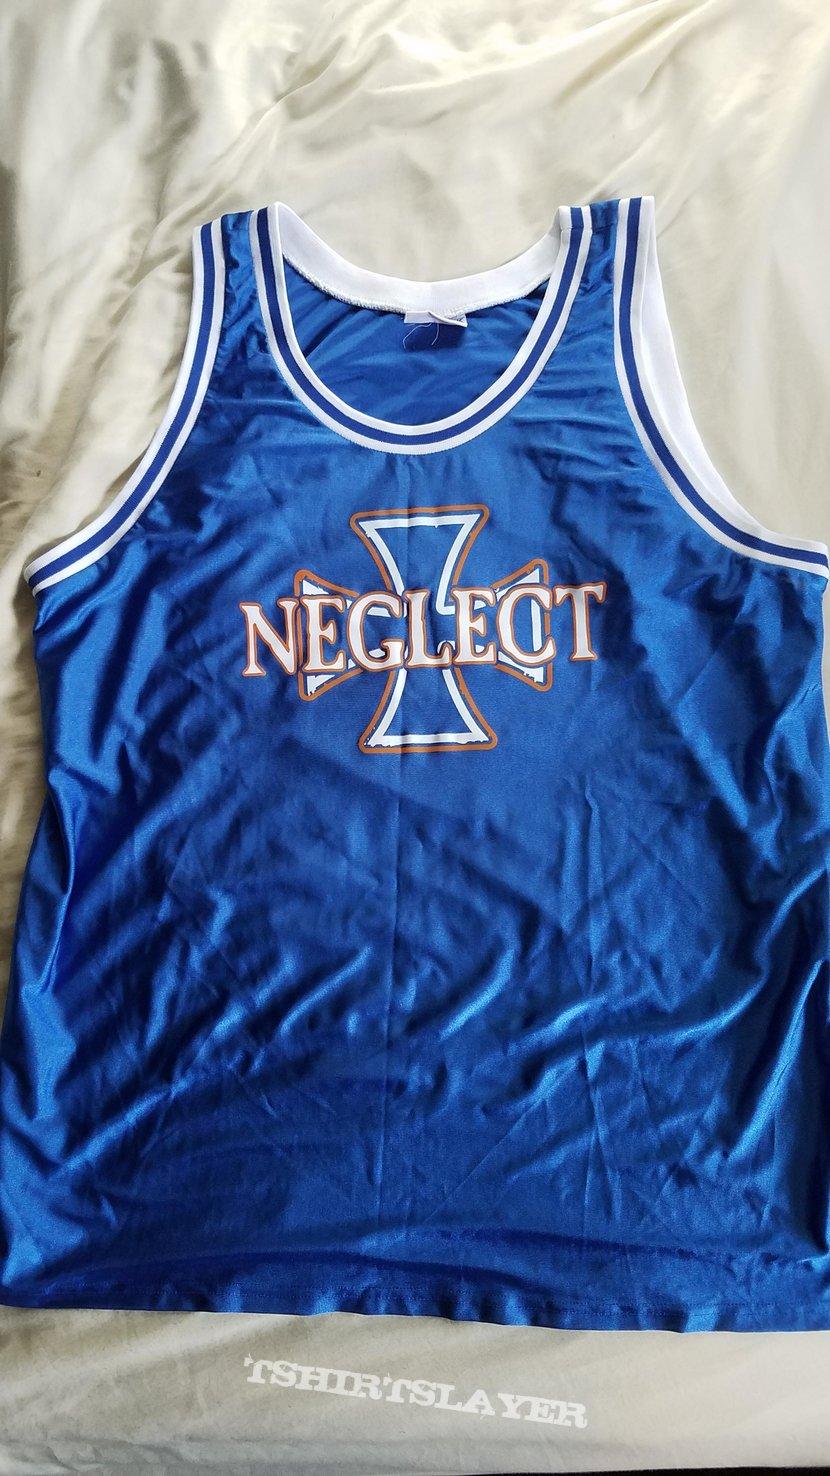 Neglect Jersey